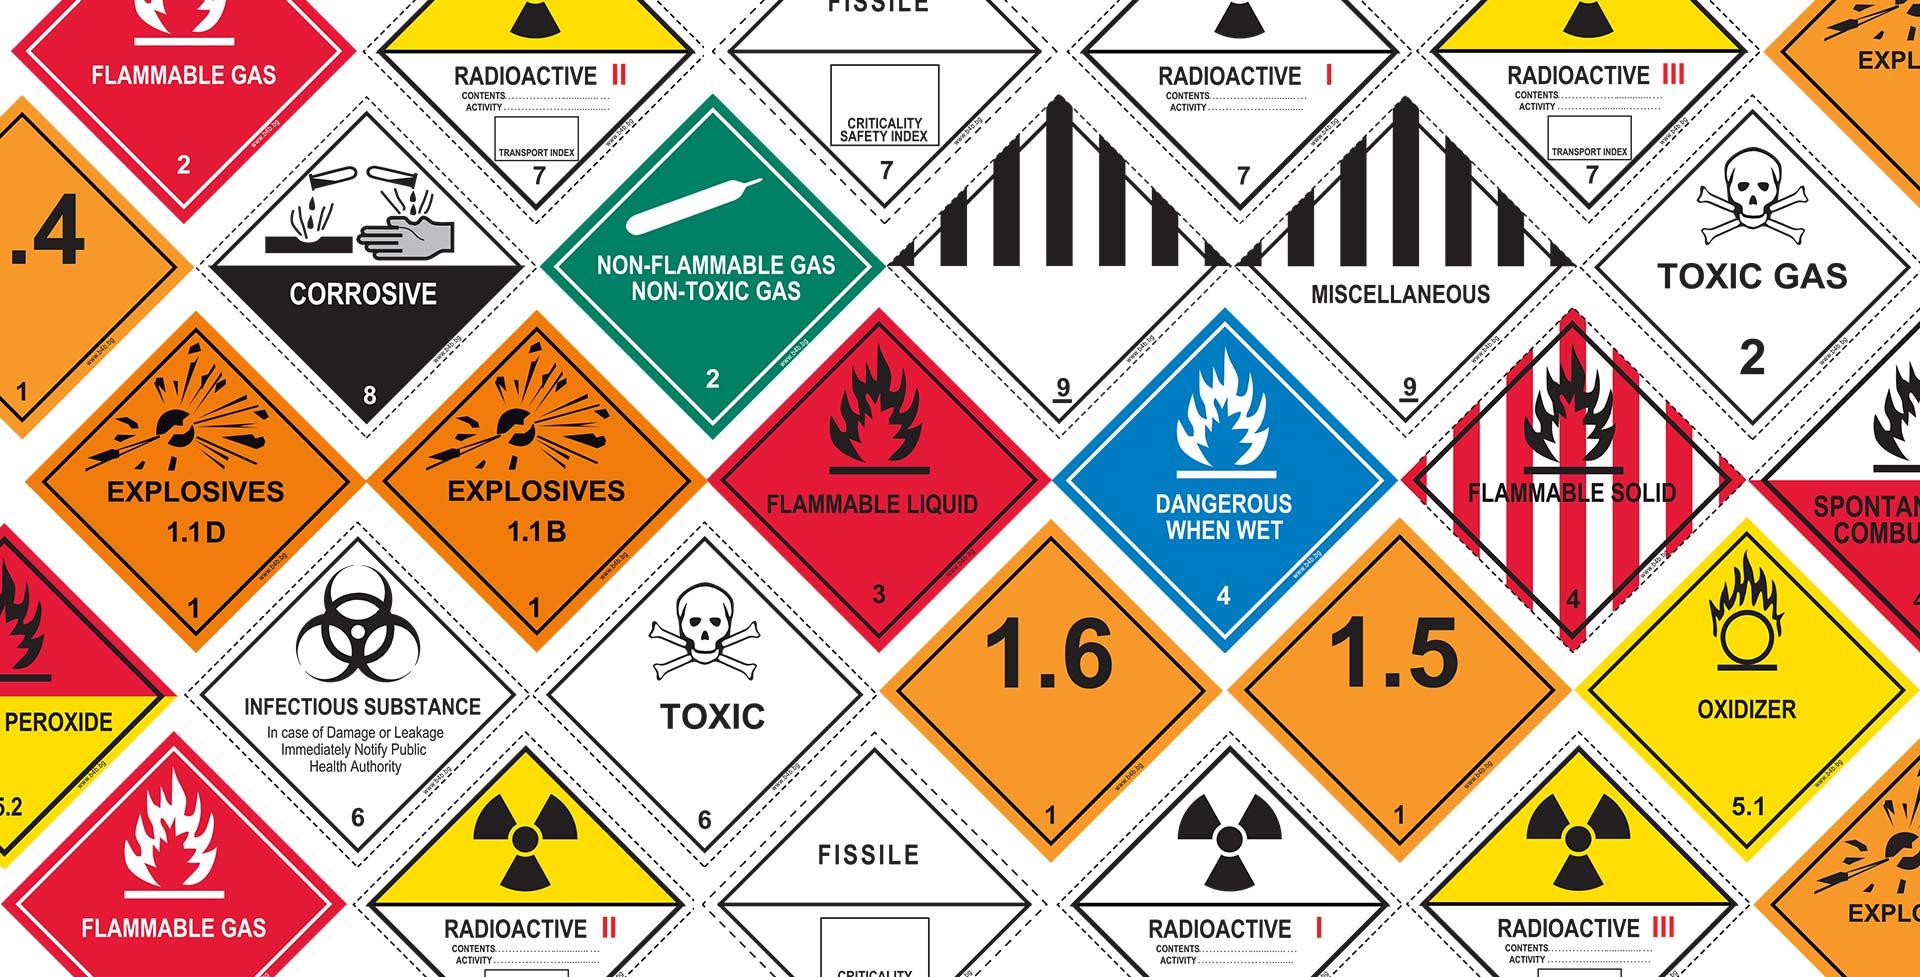 Етикети за продукти и товари